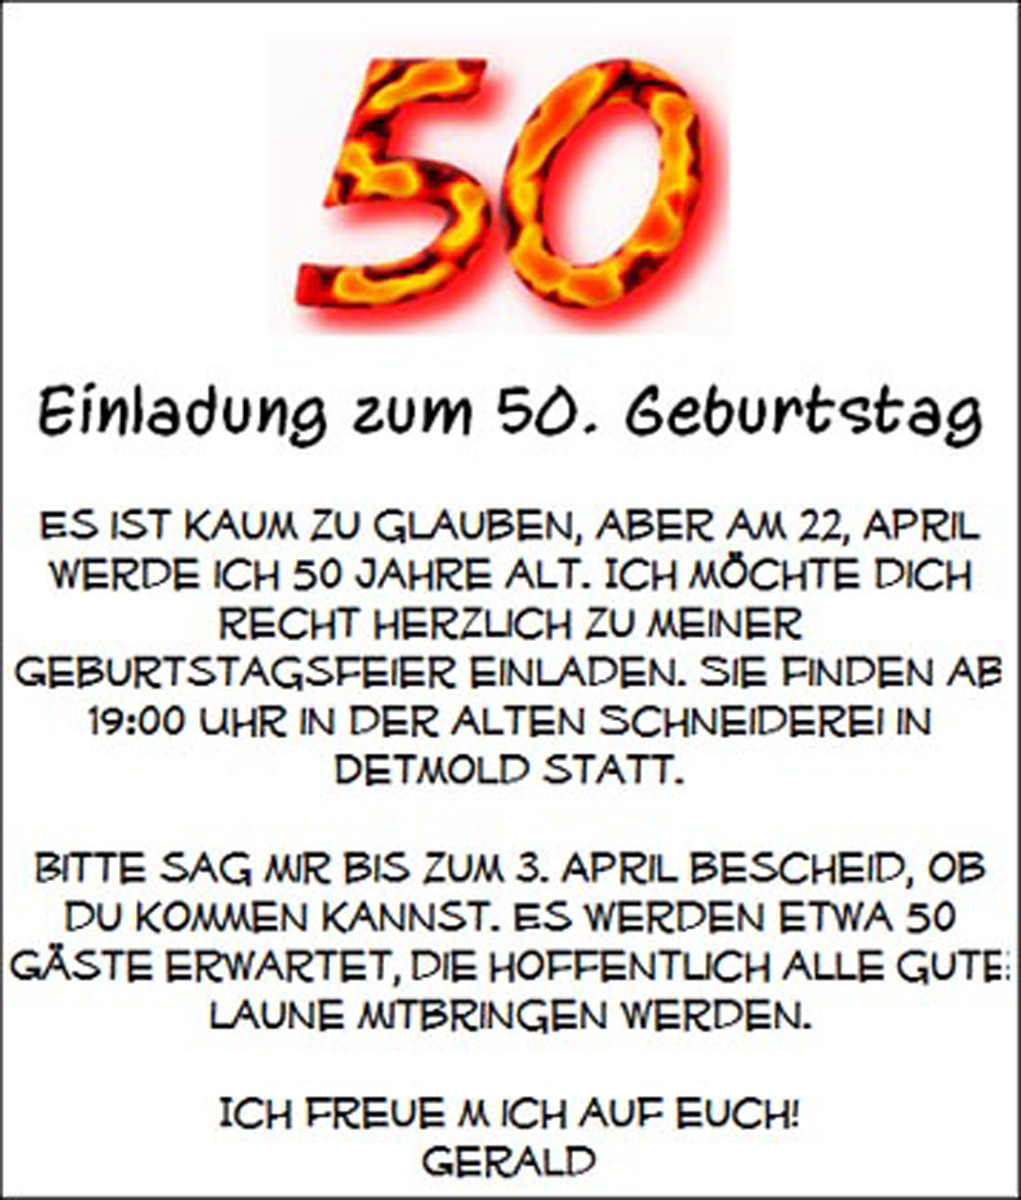 Geburtstagswünsche 50 Geburtstag  50 Geburtstag Einladung